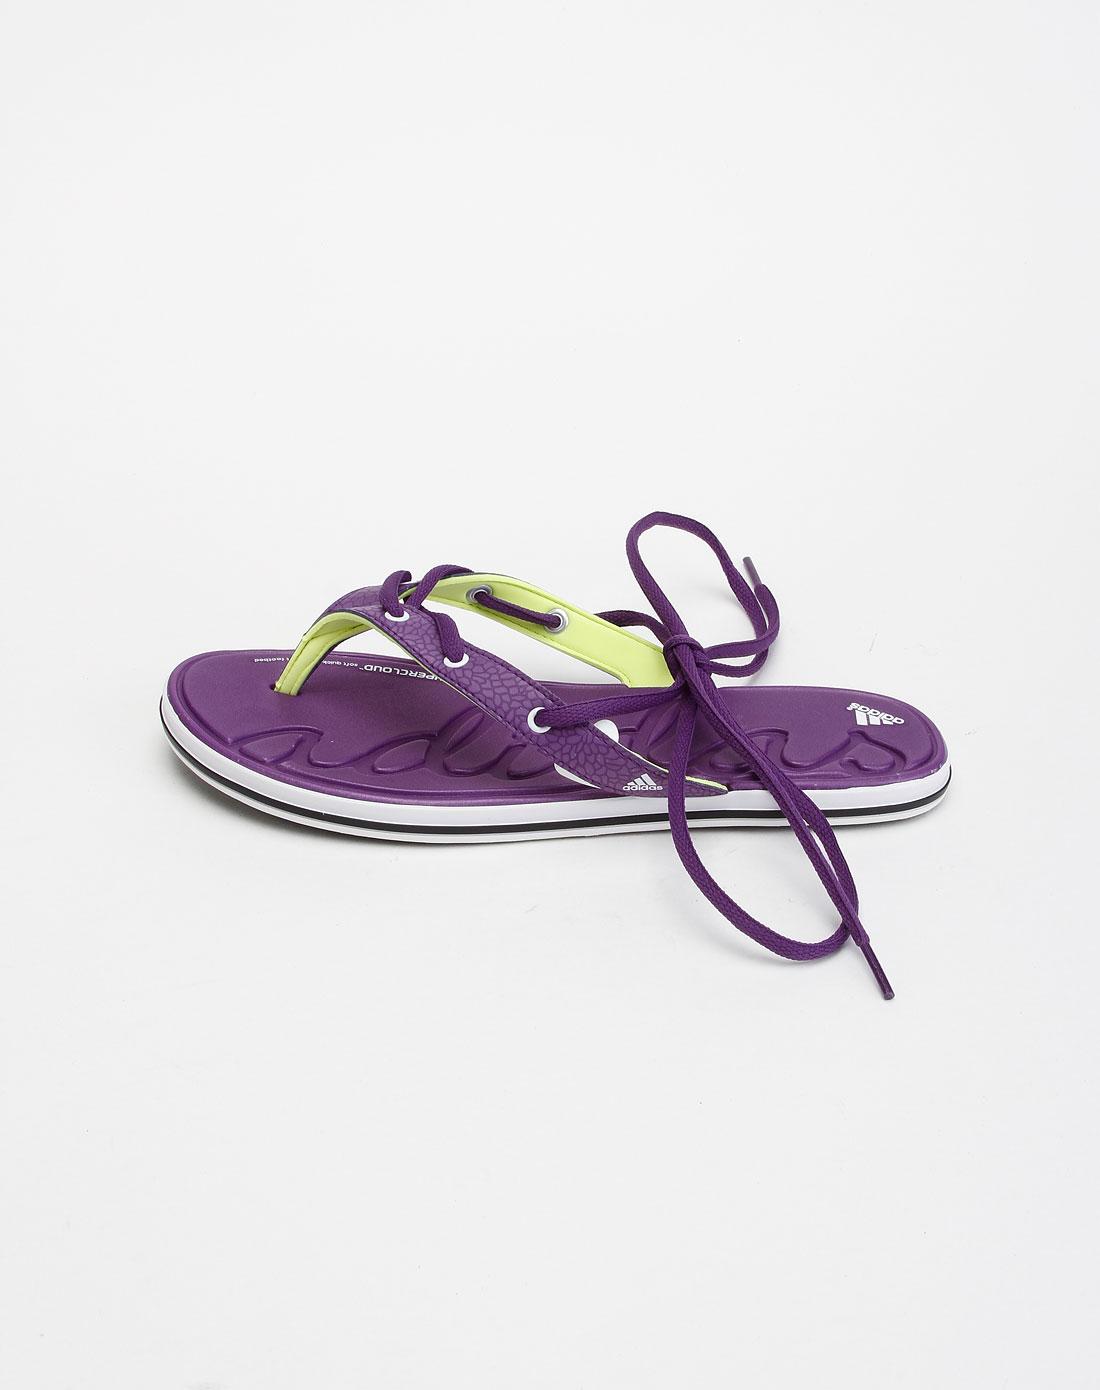 阿迪达斯adidassp 女款白拼能量紫色人字拖凉鞋v2